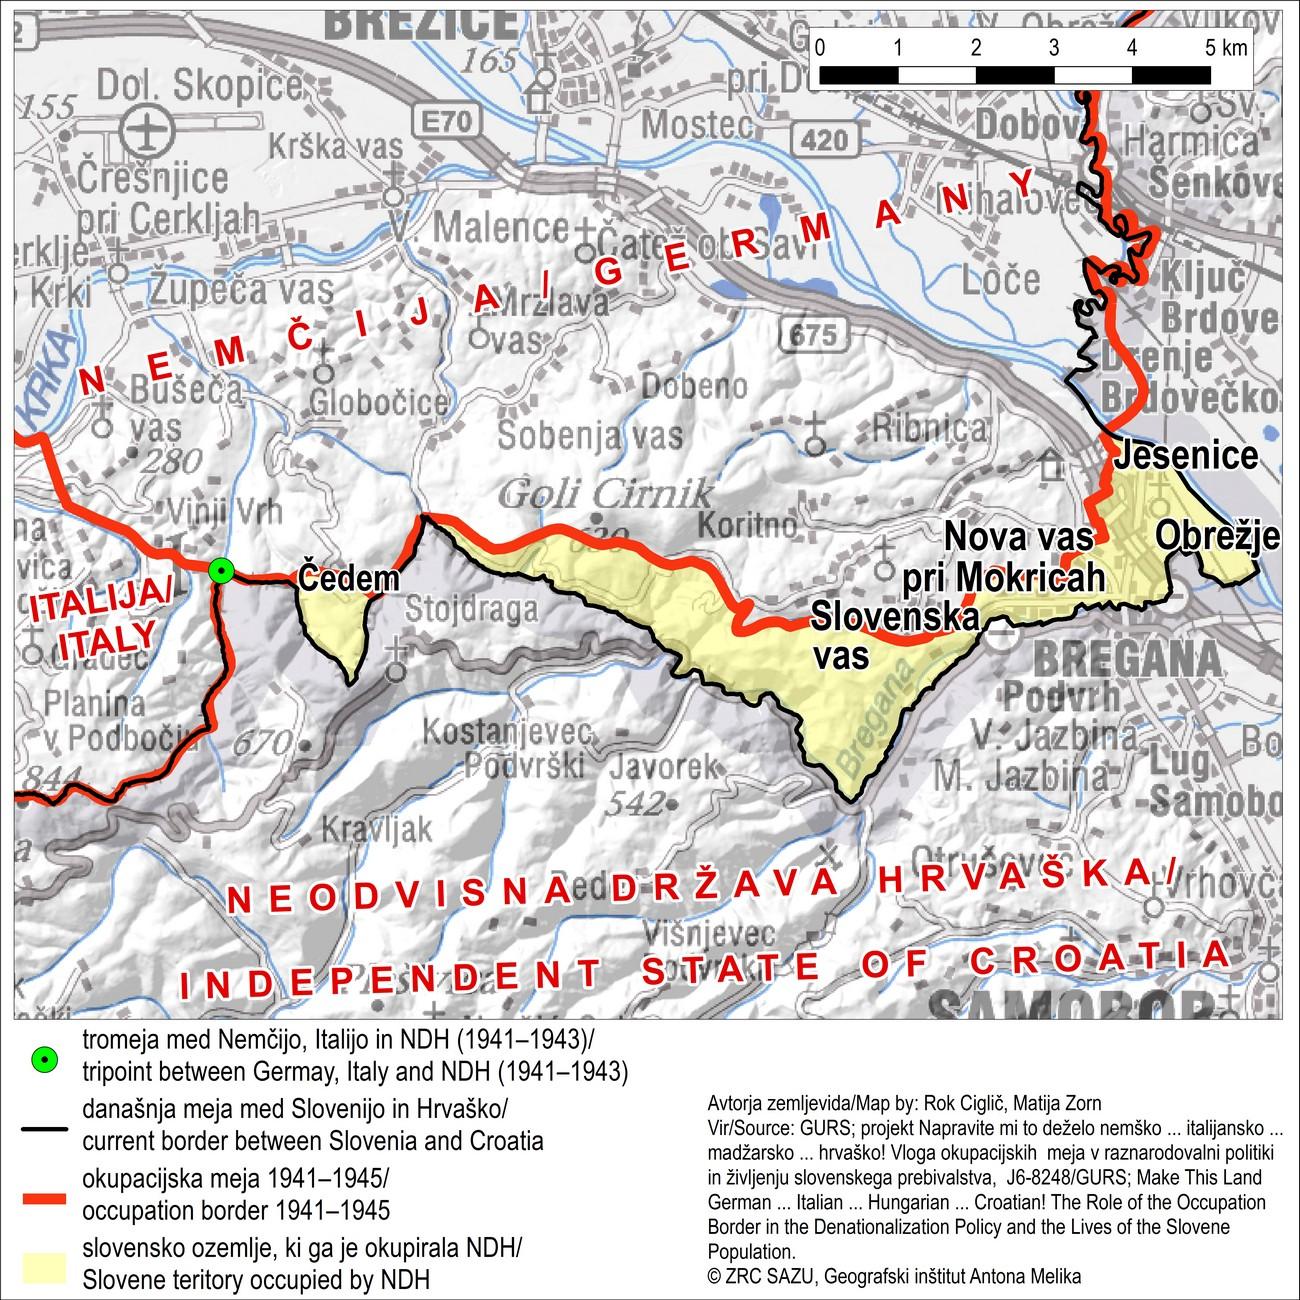 Leta 1941 je več slovenskih vasi južno od Brežic (Jesenice, Obrežje, Nova vas, Slovenska vas in Čedem) okupirala NDH.